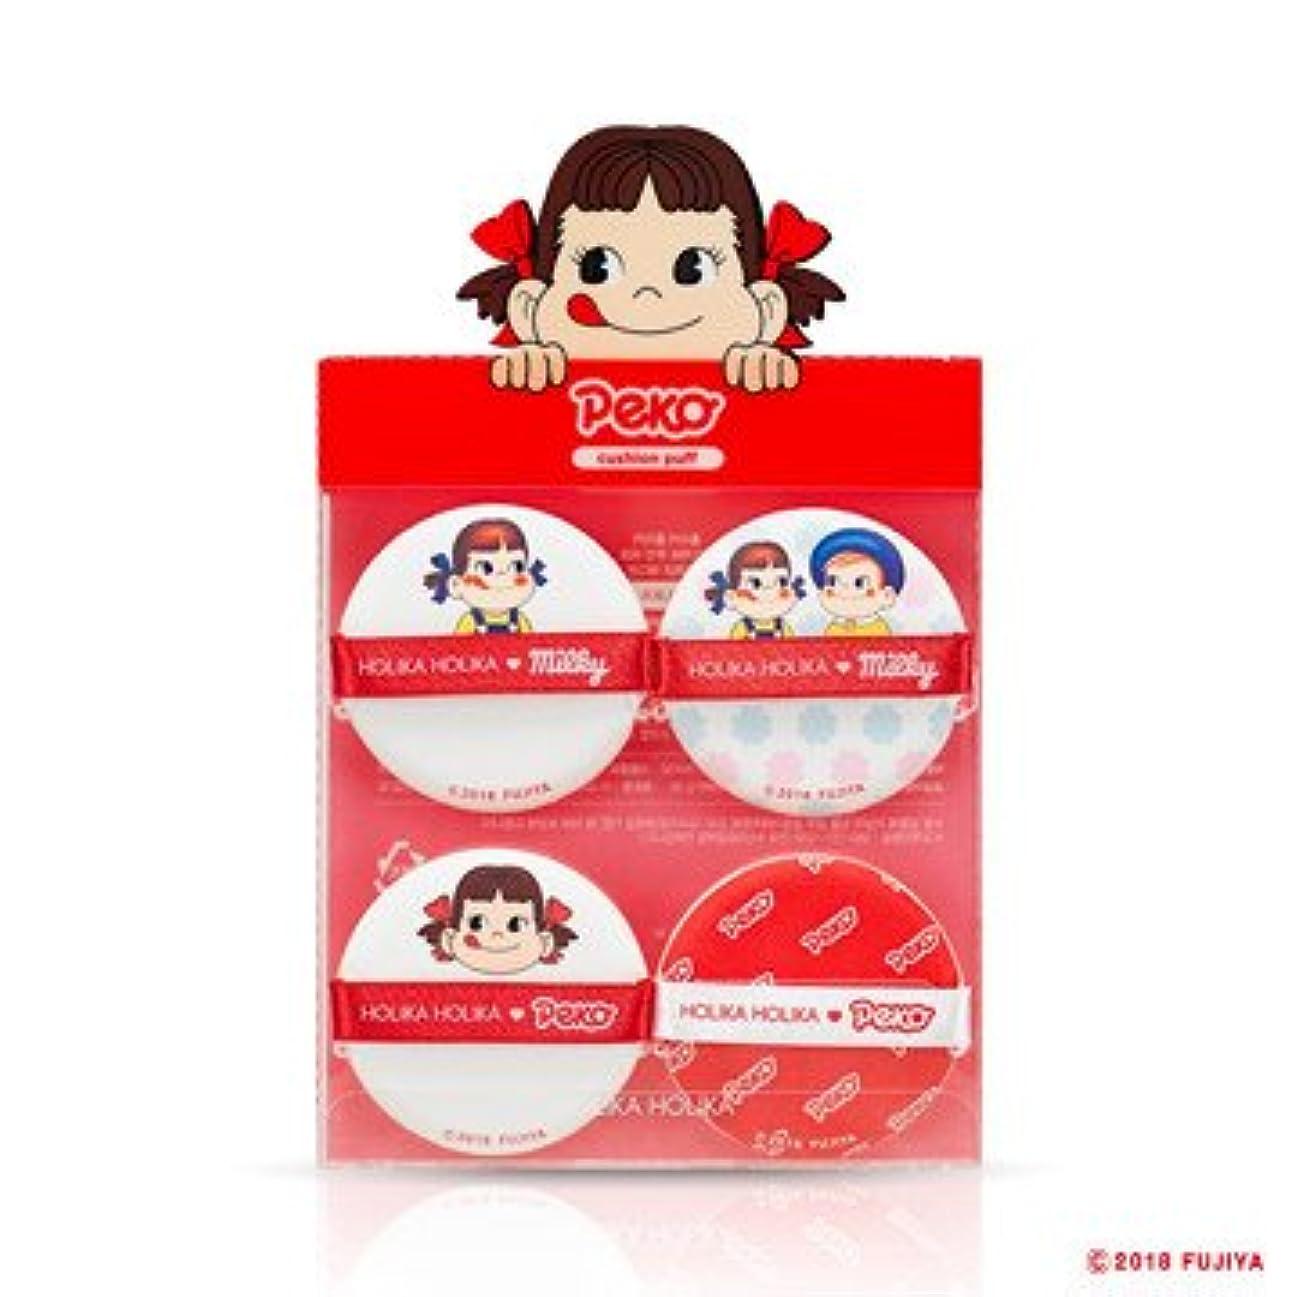 勇気イースターじゃないHolika Holika [Sweet Peko Edition] Hard Cover Cushion Puff(4EA)/ホリカホリカ [スイートペコエディション] ハードカバークッションパフ (4枚入り) [並行輸入品]